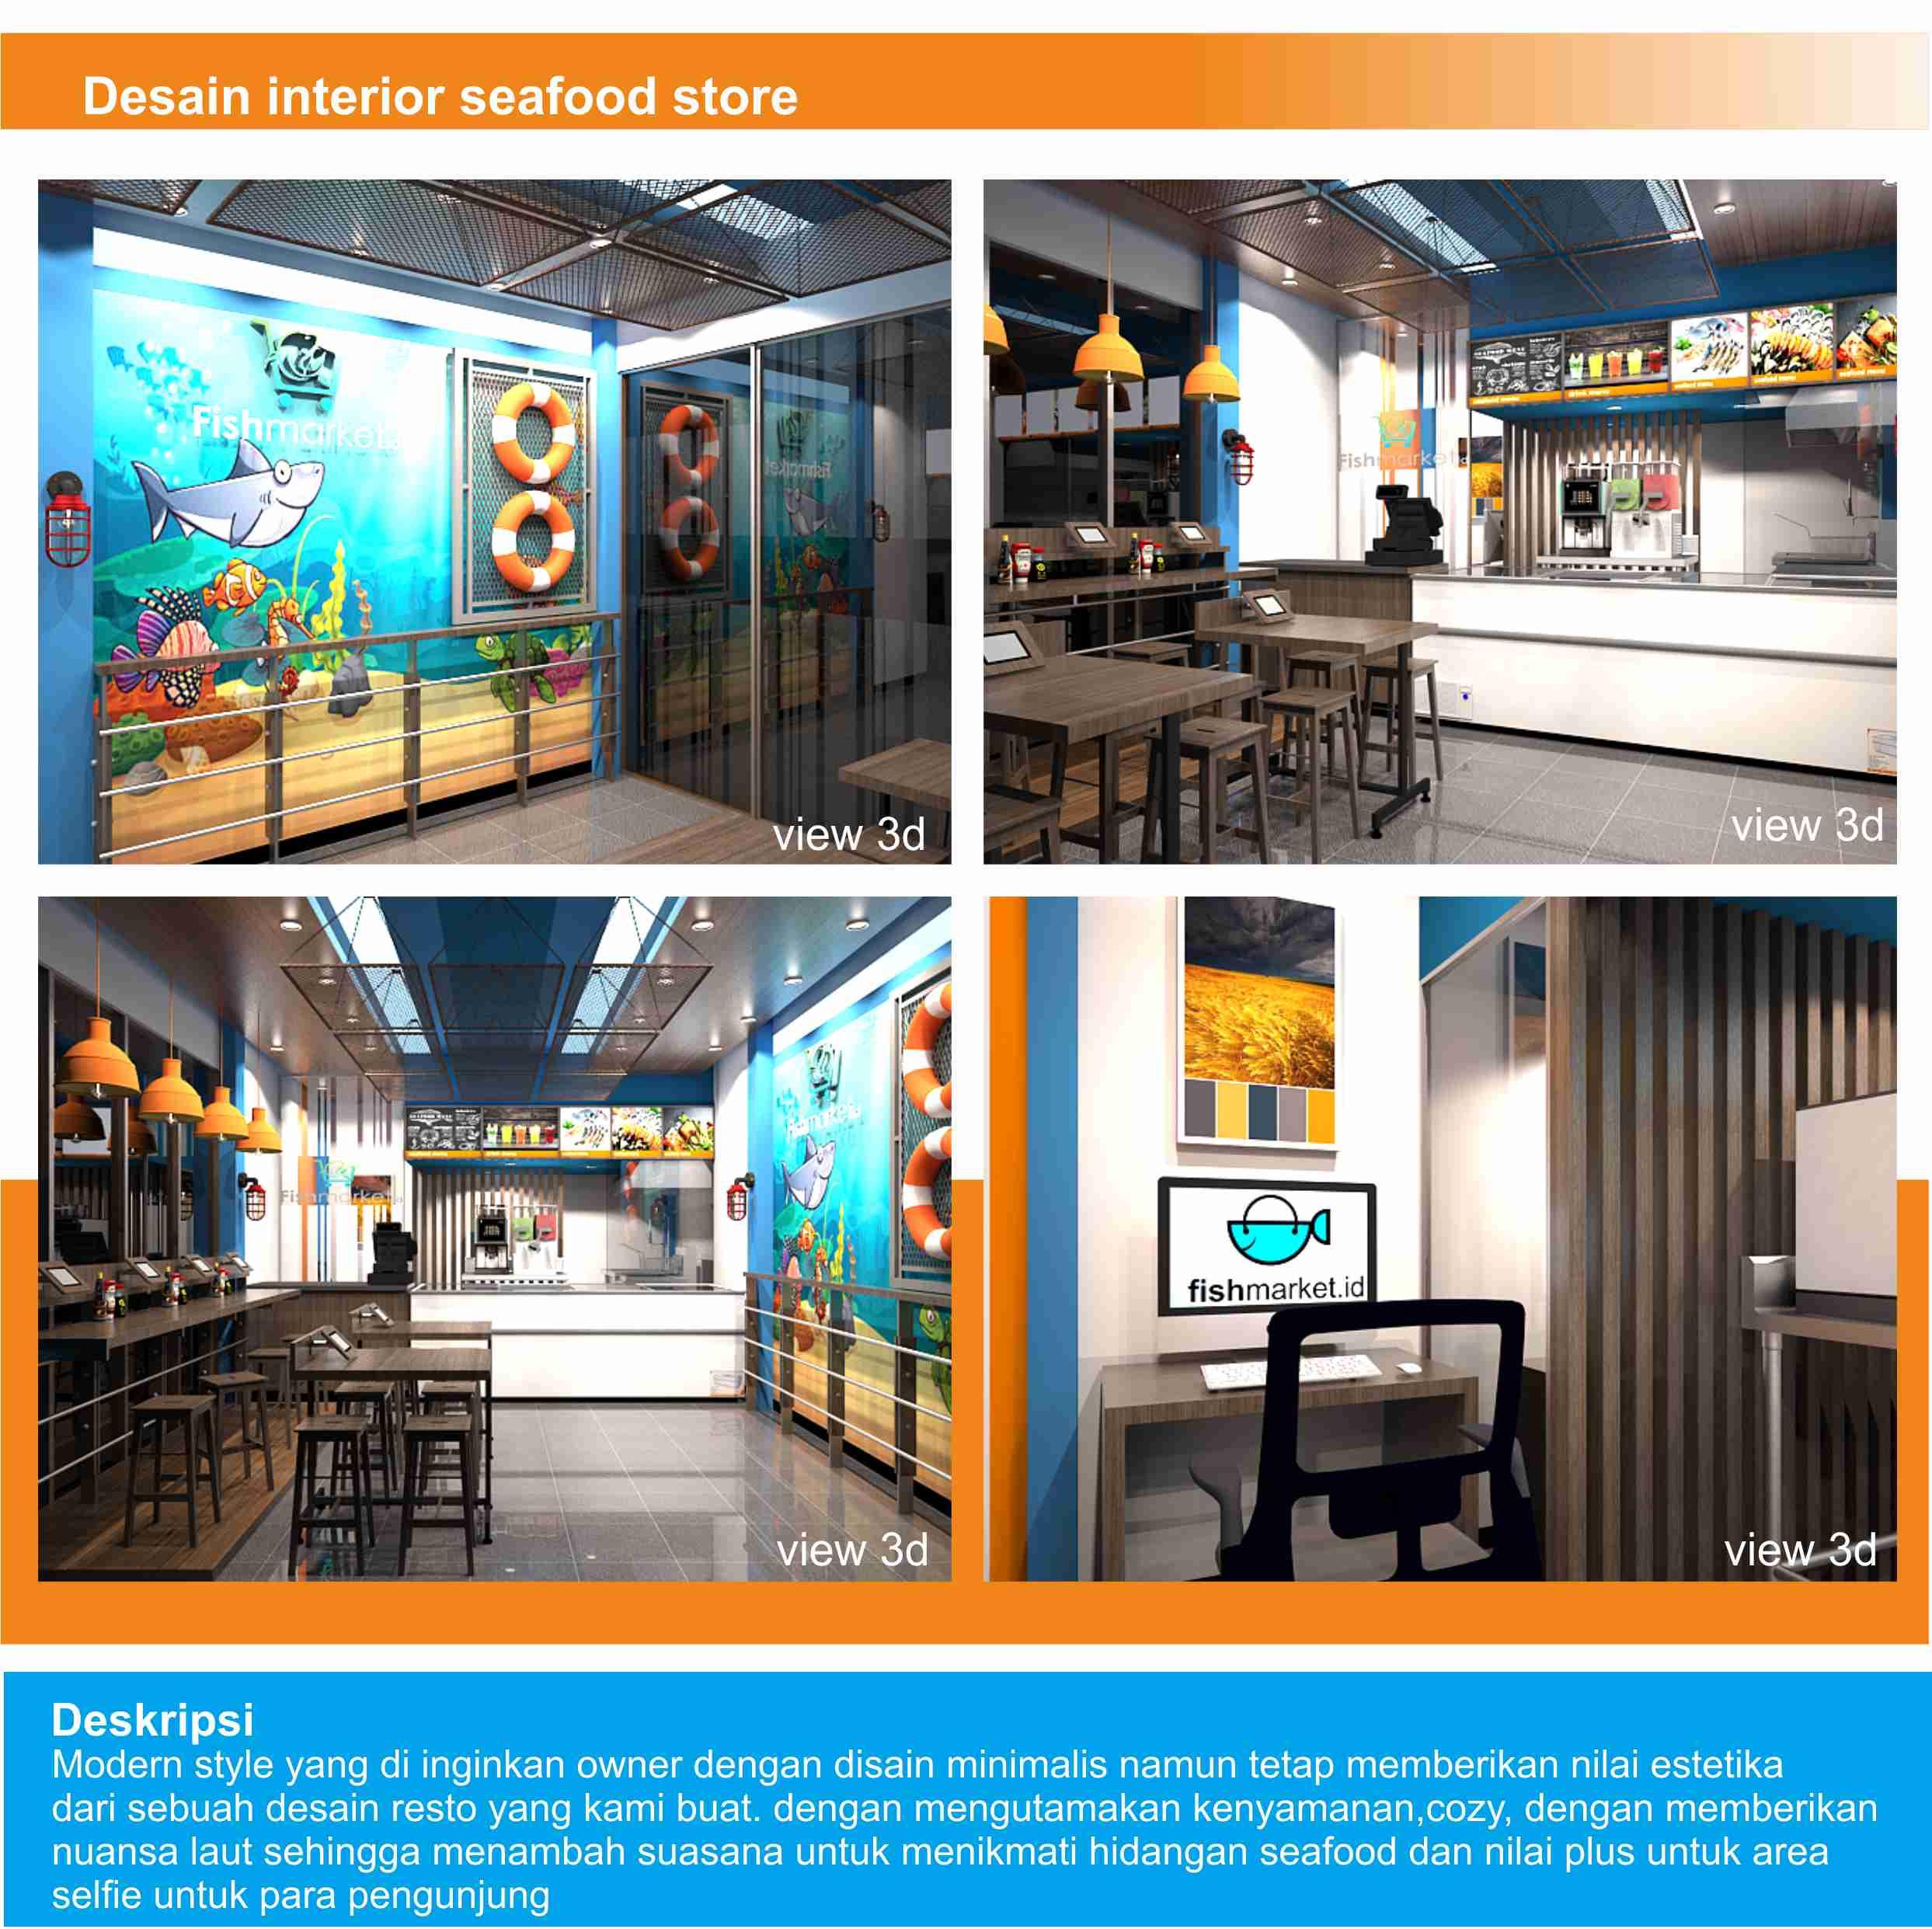 Jasa Desain interior untuk Store Penjualan Seafood